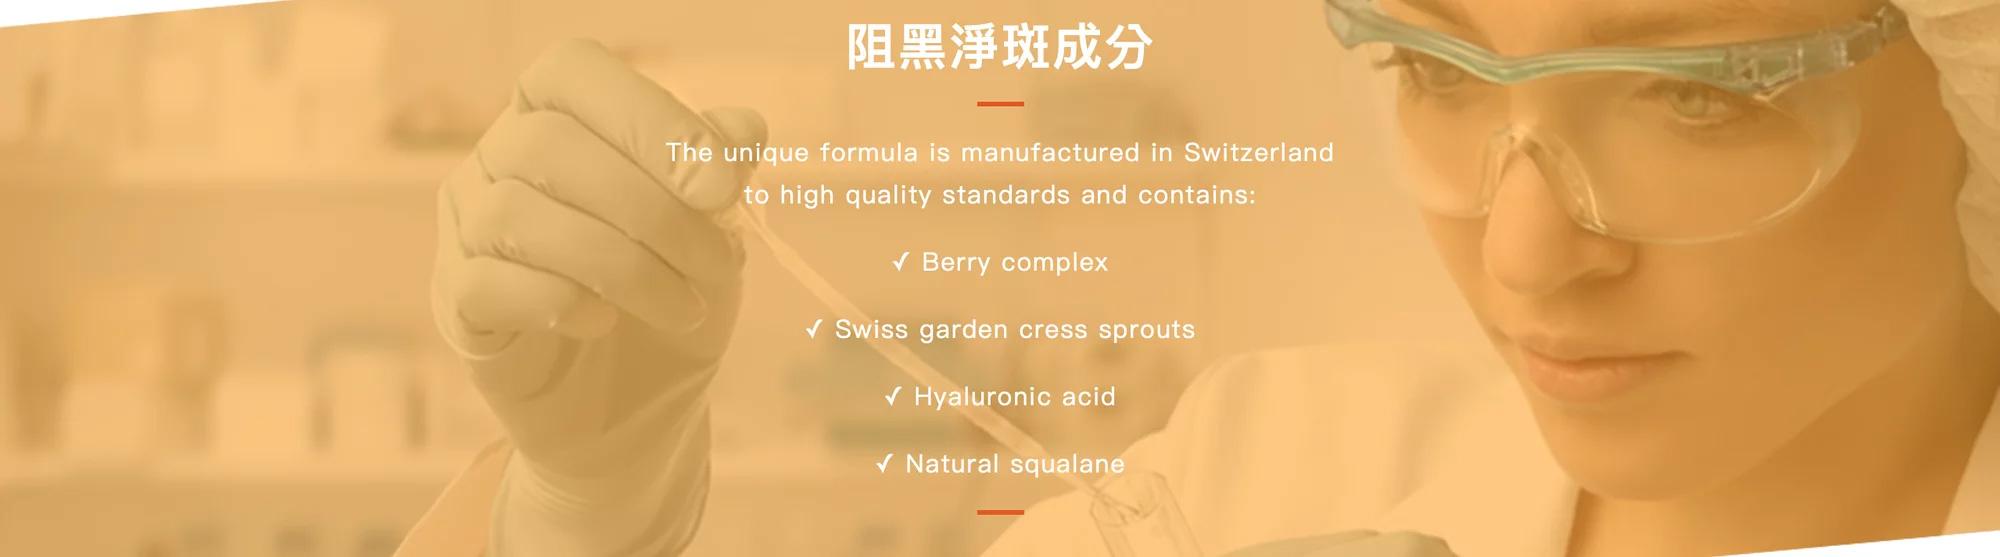 阻黑淨斑的成分,包含漿果提取物,瑞士有機水芥菜苗,抗衰老複合物